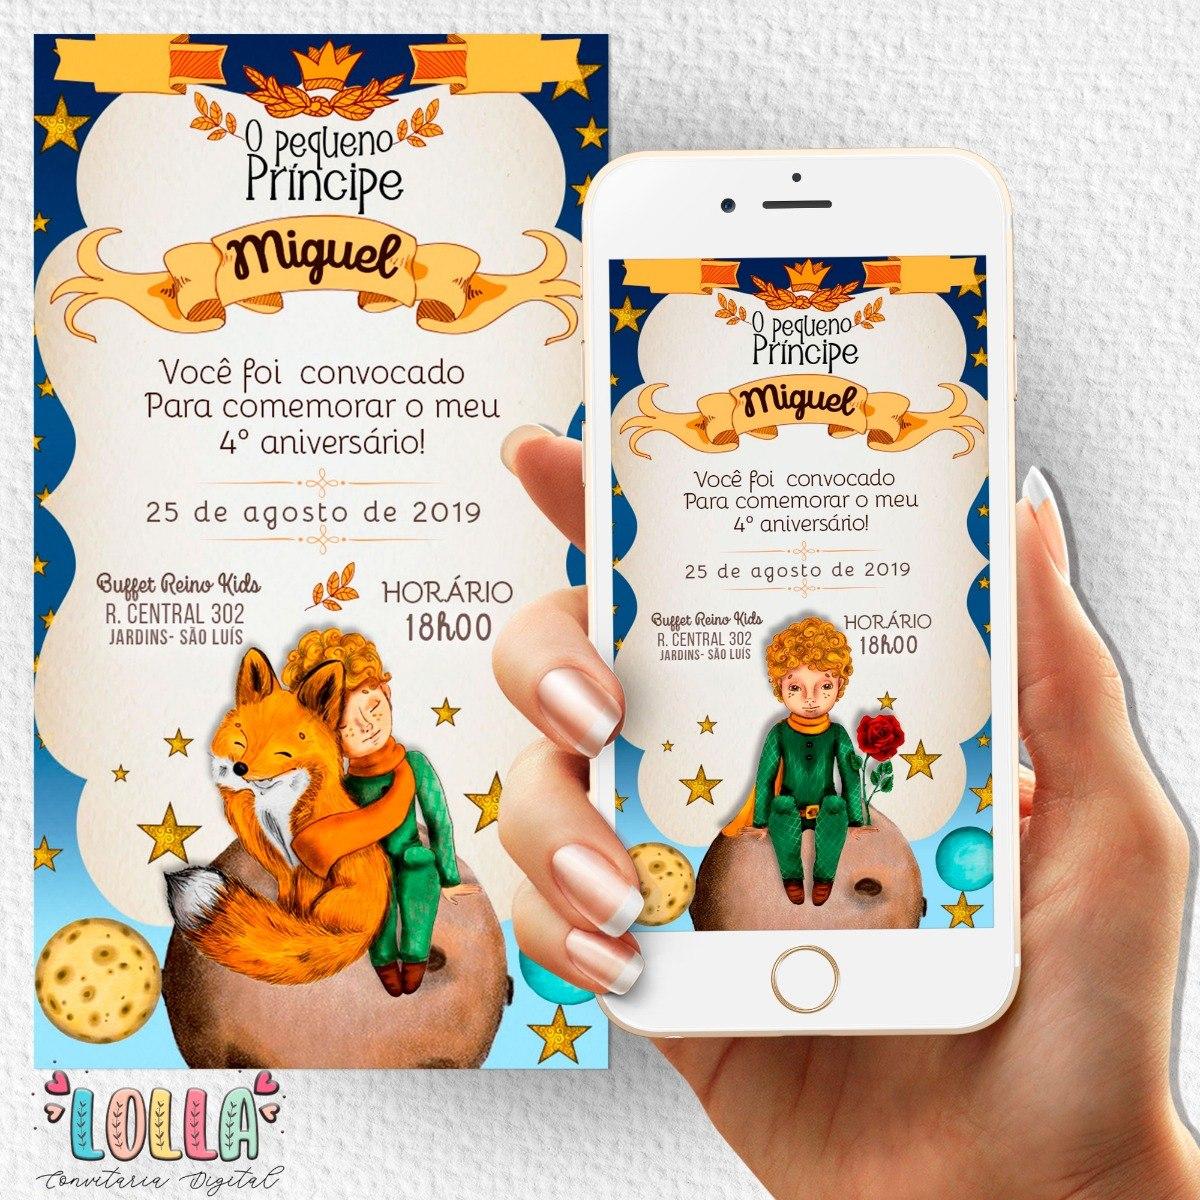 Convite Pergaminho Pequeno Príncipe Digital + Brinde - R$ 25,00 em Mercado  Livre